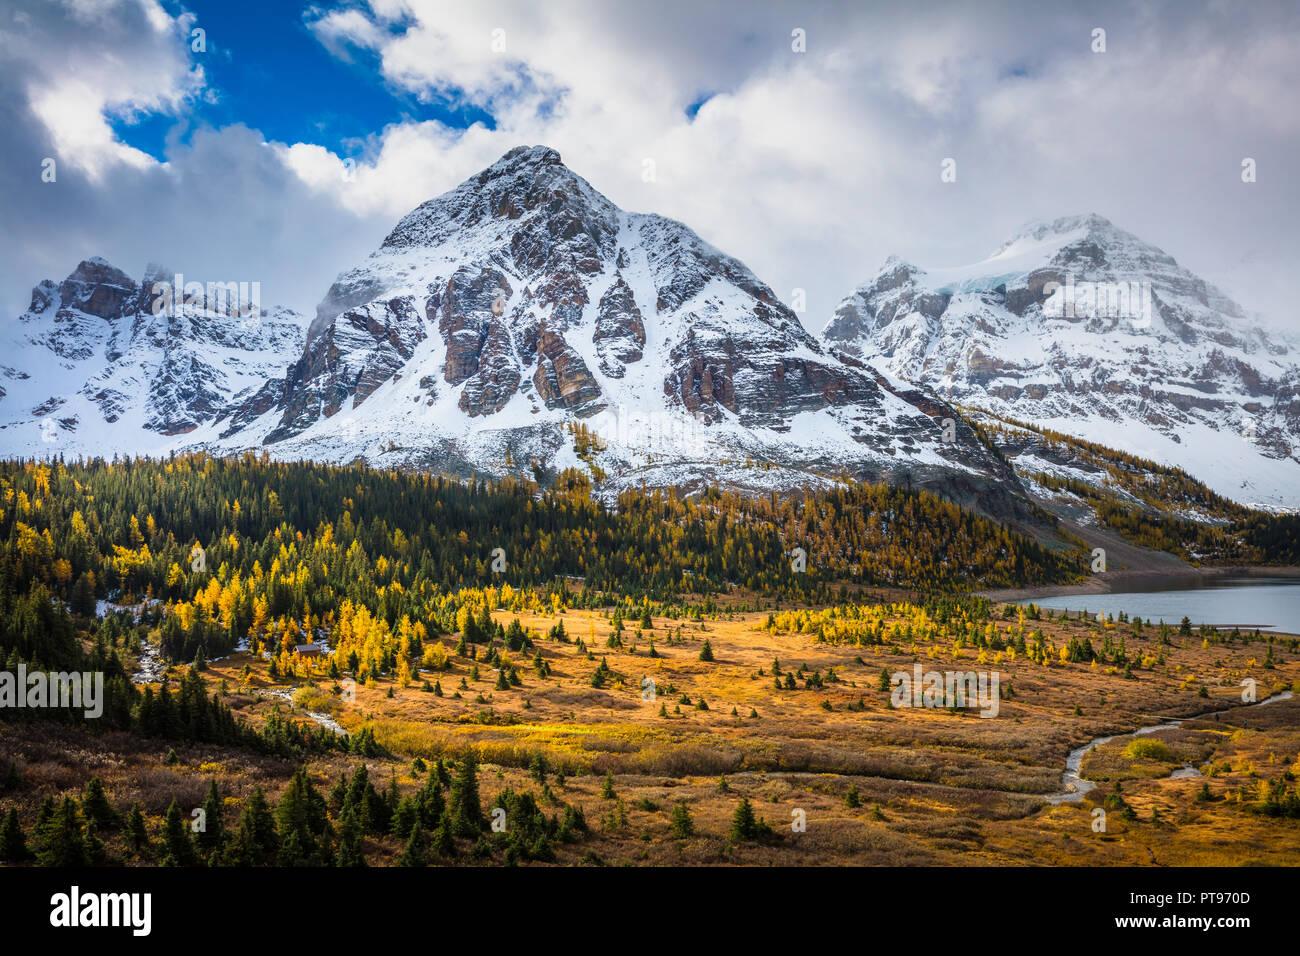 Monte Assiniboine Provincial Park es un parque provincial en British Columbia, Canadá, situado alrededor del monte Assiniboine. Imagen De Stock